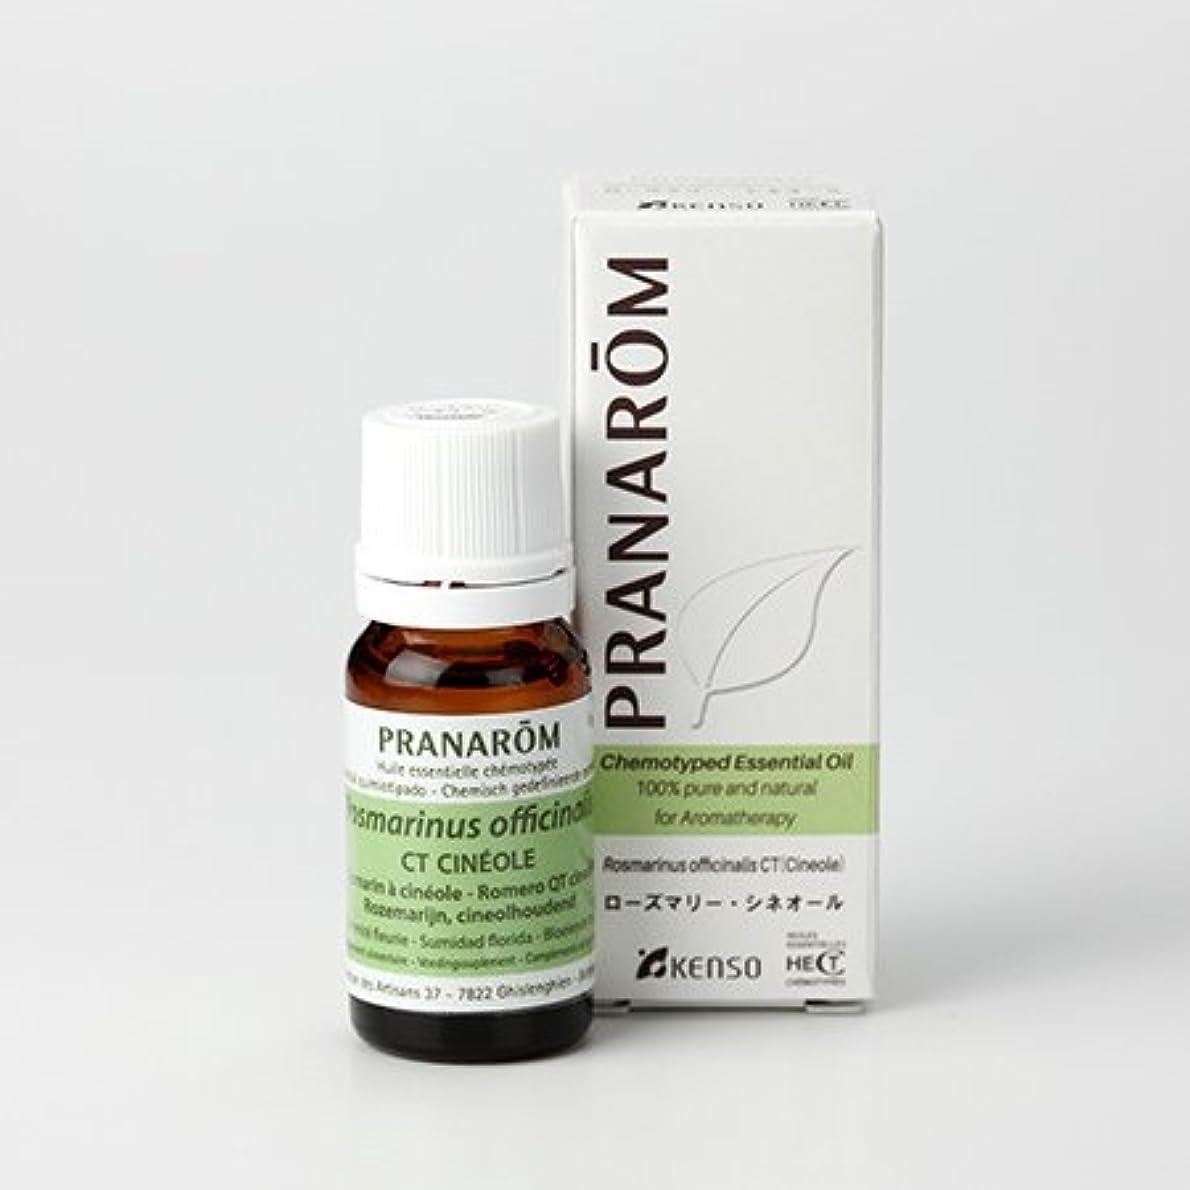 ラケット時々軸プラナロム ローズマリーシネオール 10ml (PRANAROM ケモタイプ精油)